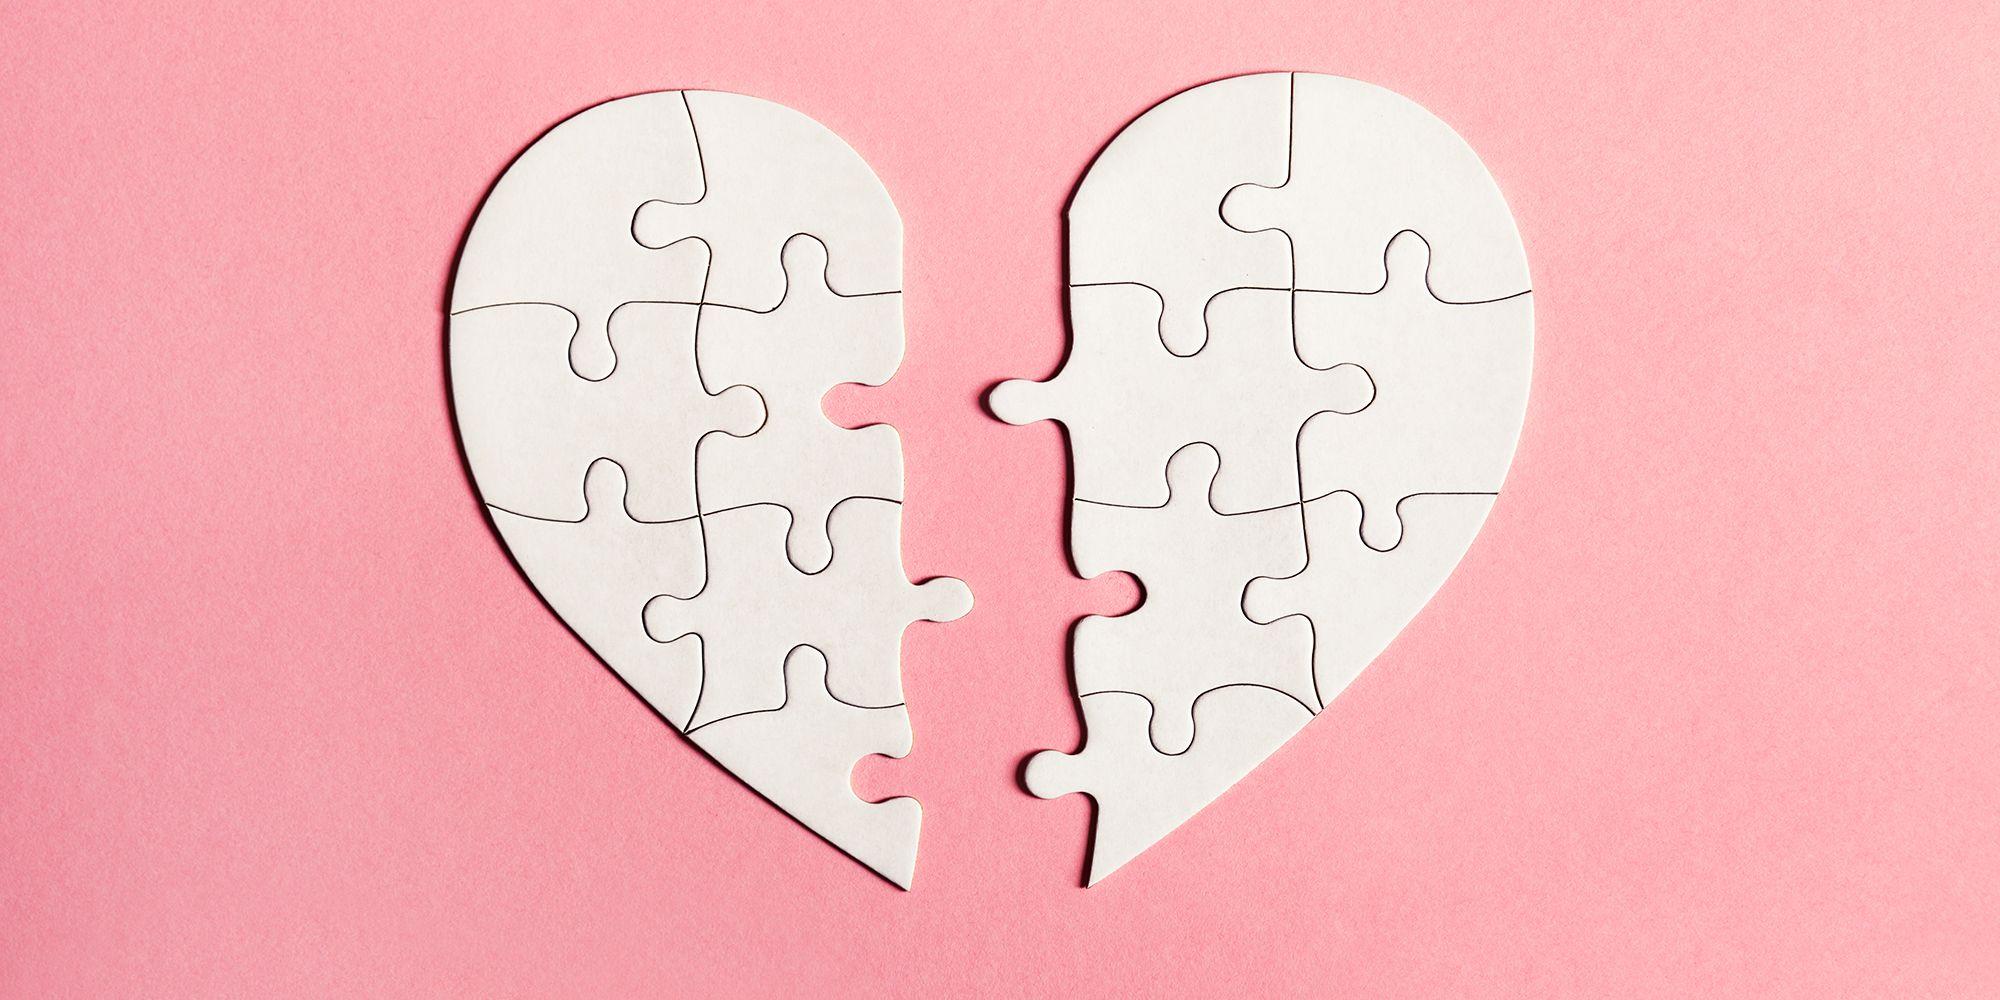 Et knust hjerte laget av puslespillbiter.